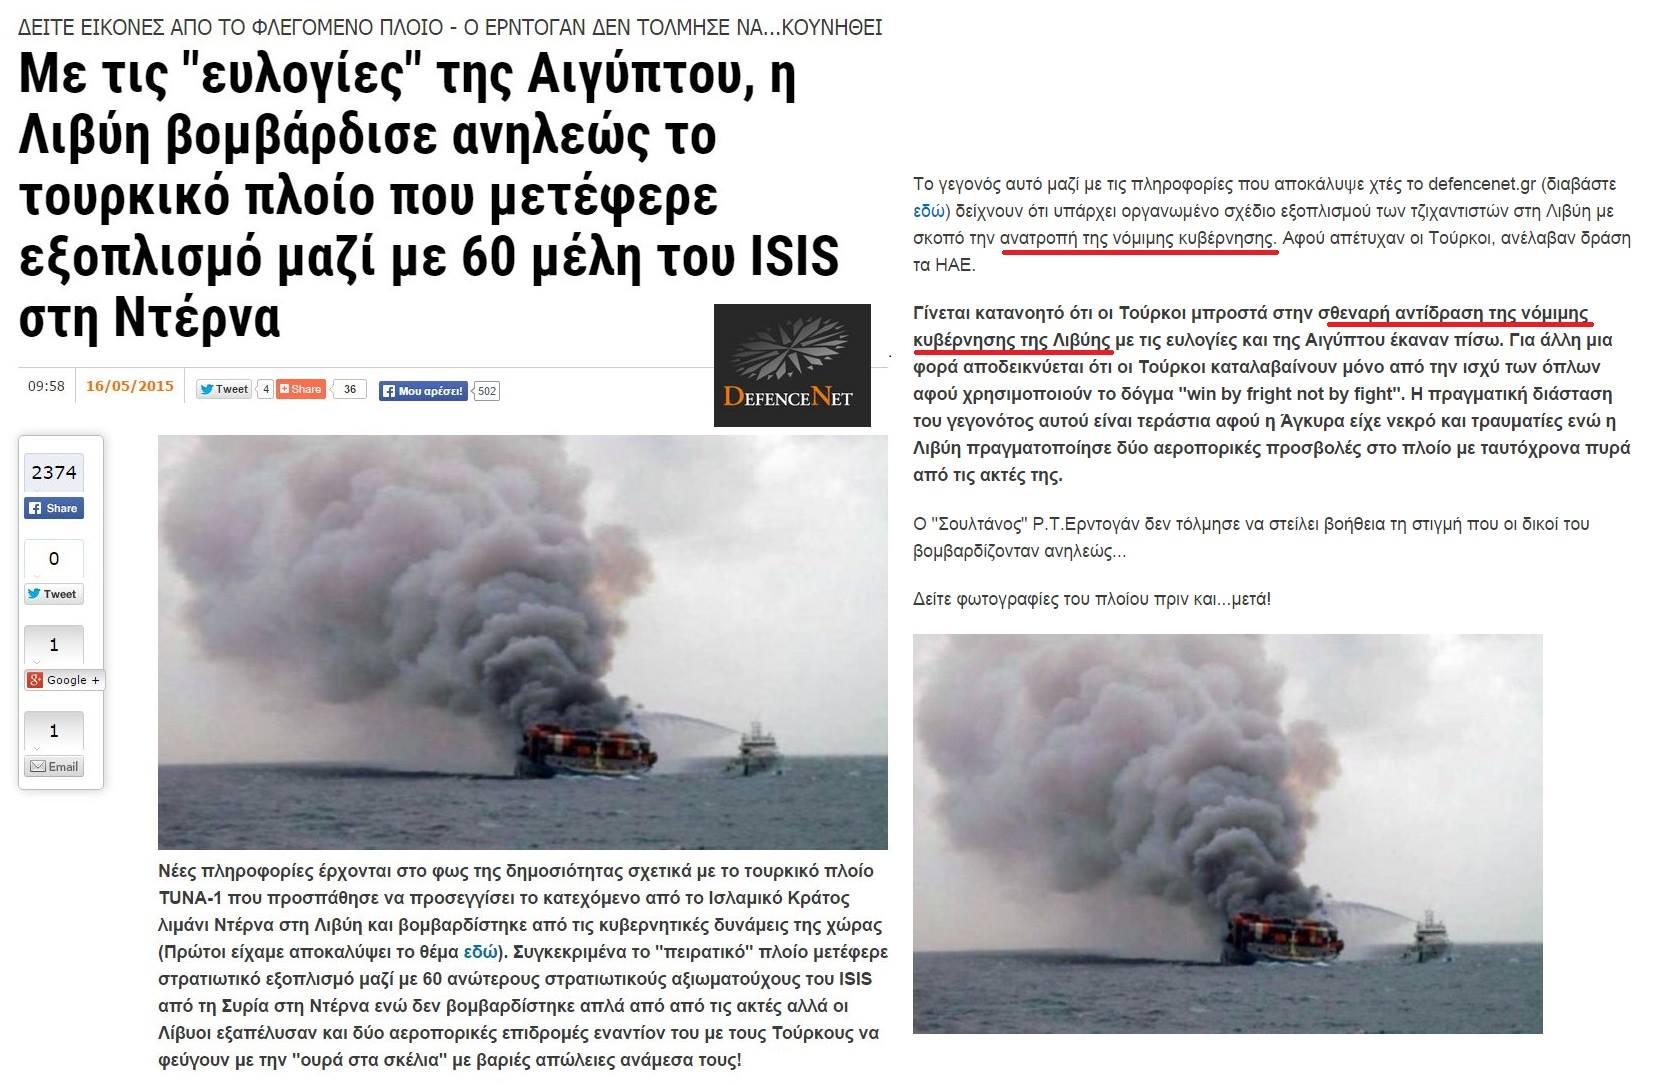 Ἡ παραπληροφόρησις γιὰ τὸ ...«βομβαρδισμένο» τουρκικὸ πλοῖο!!!3